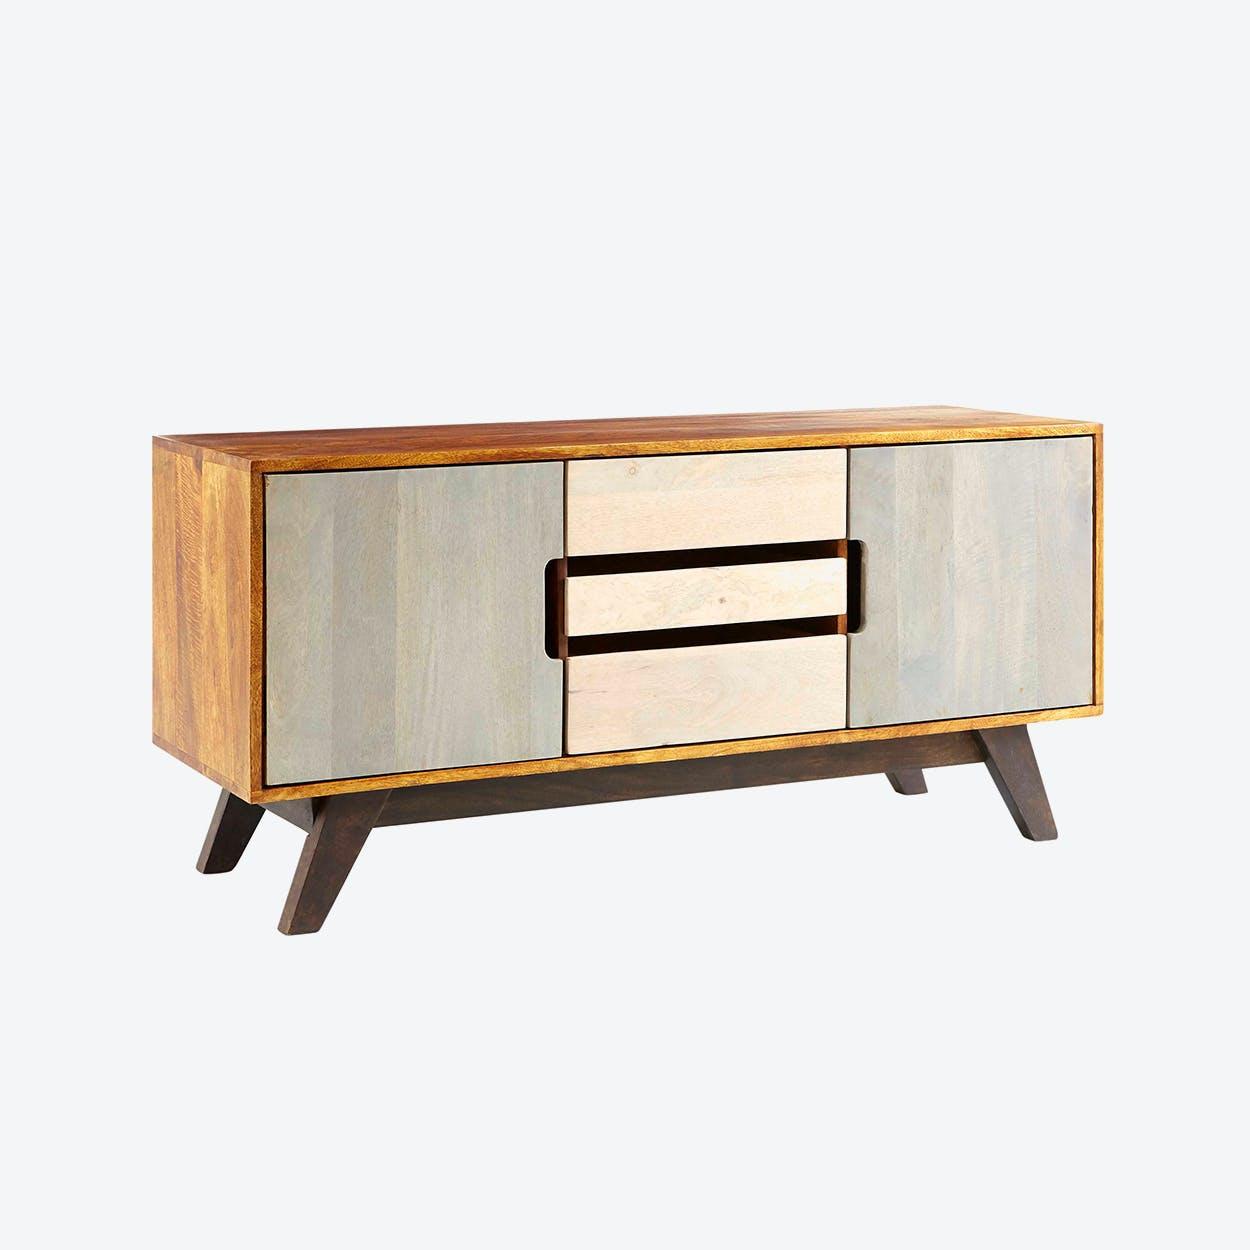 Mango Wood Plasma Unit/Sideboard